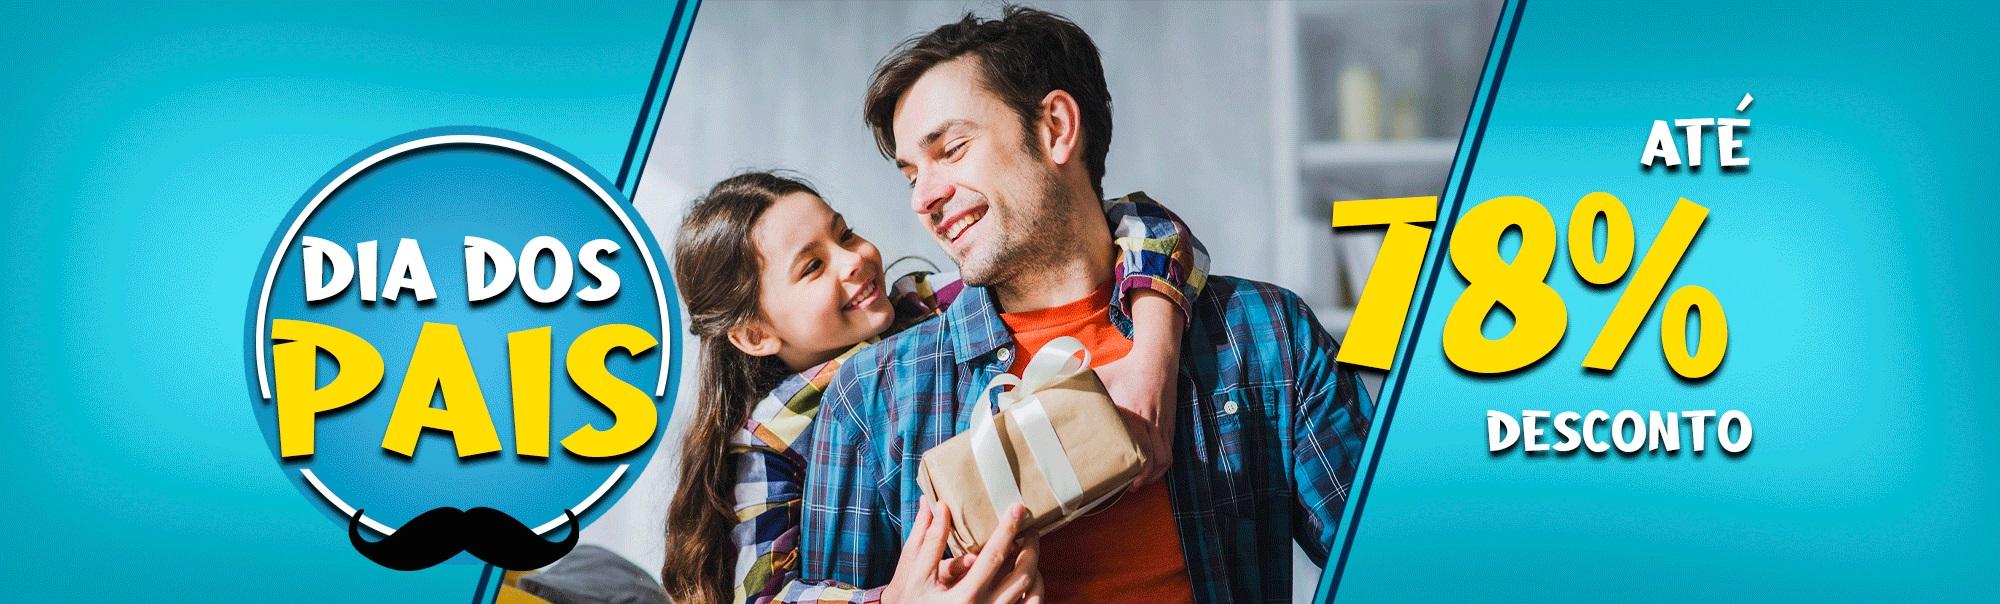 Dia dos Pais 2021 livros | livraria cristã emmerick